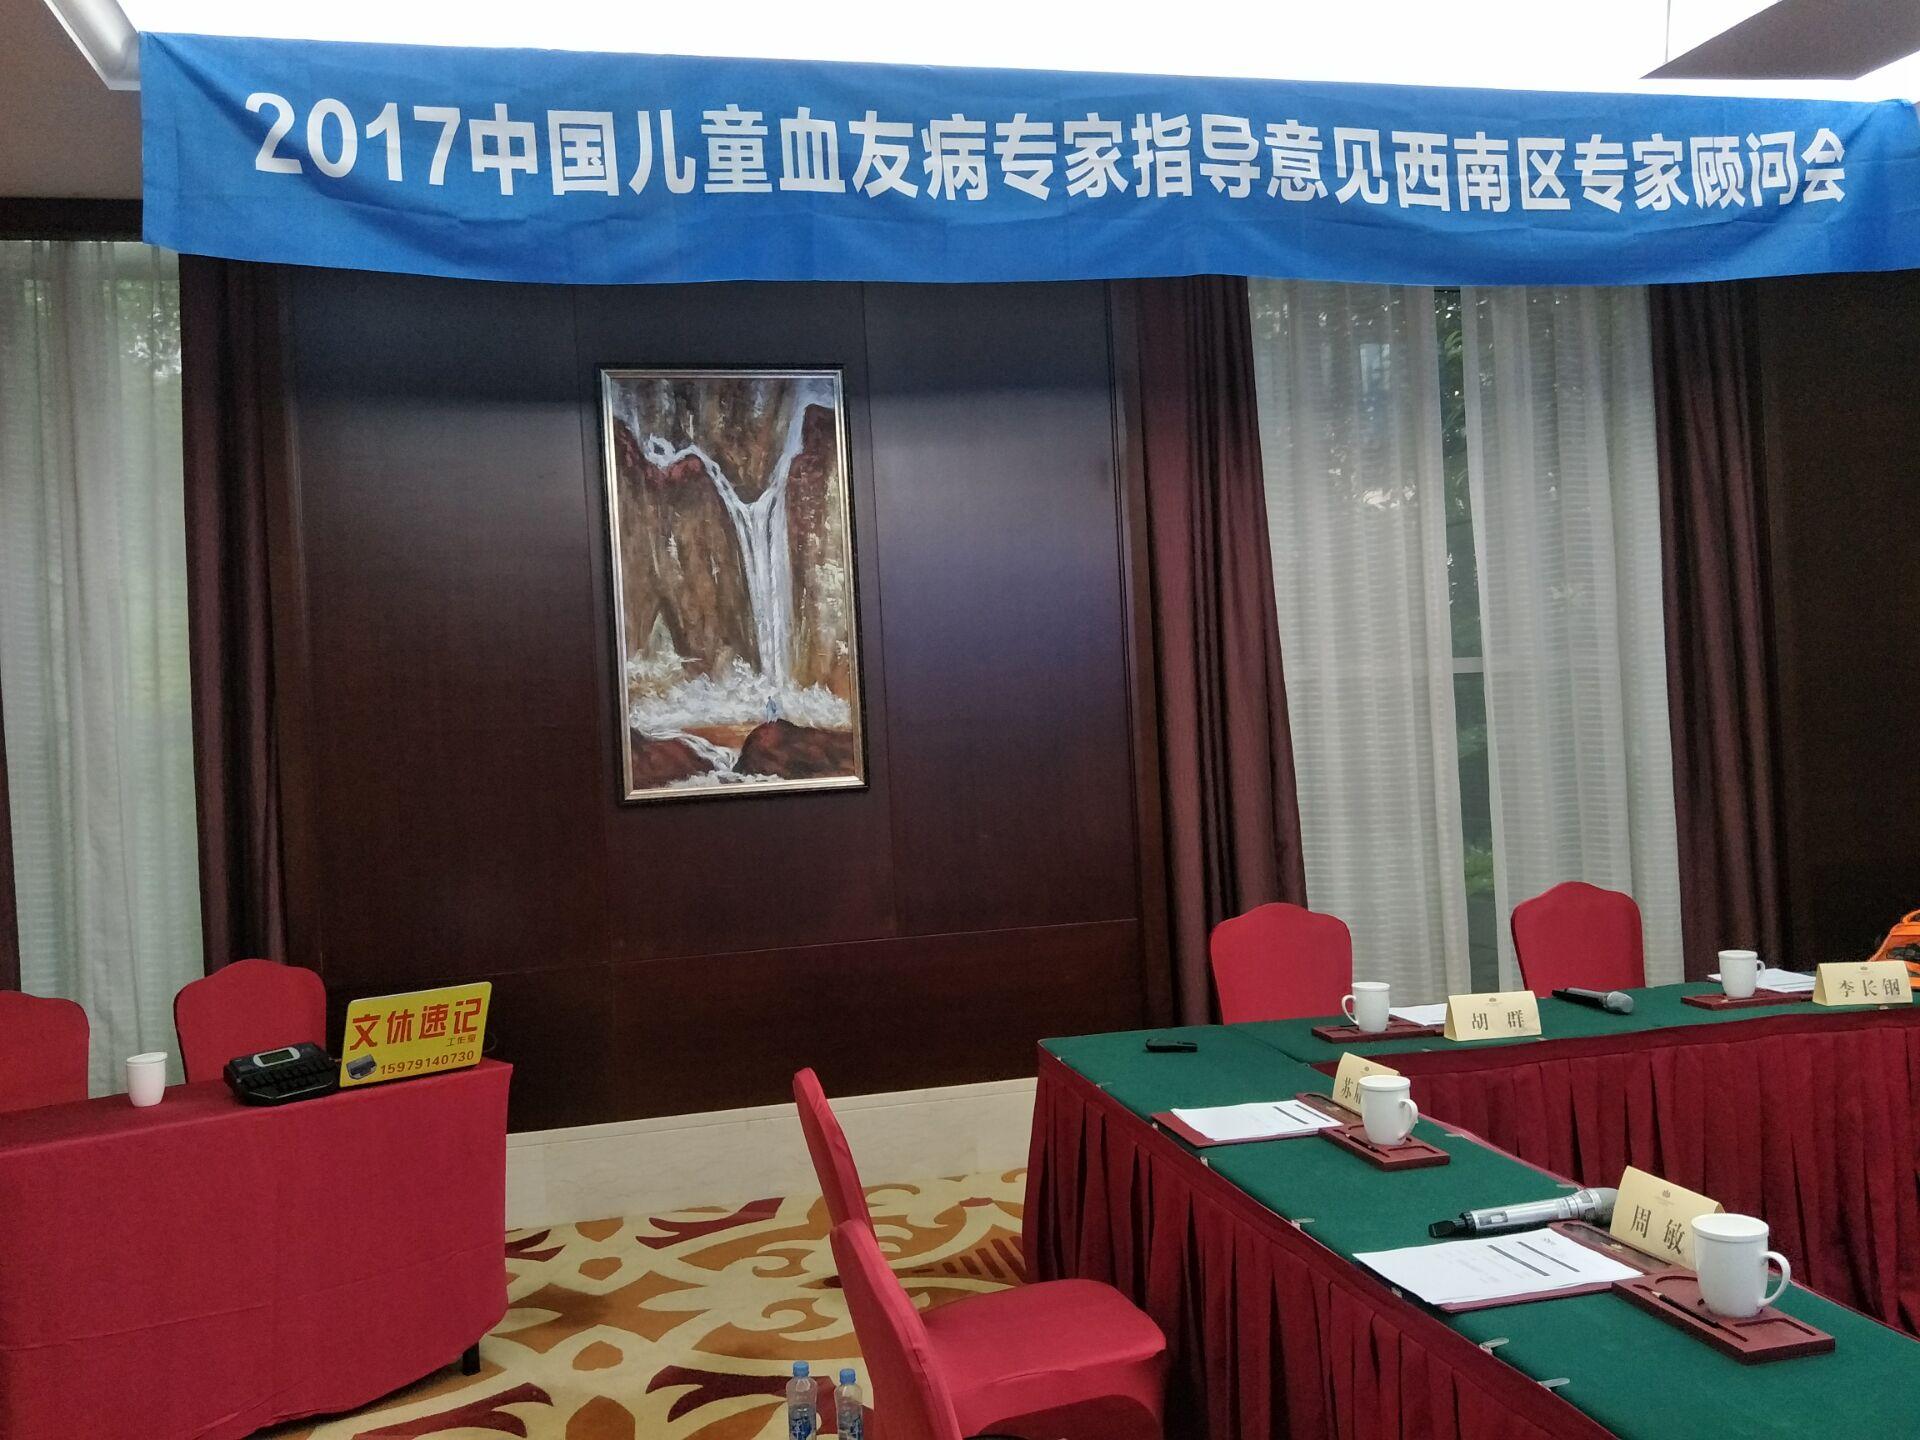 2017中国儿童血友病专家指导意见专家顾问会-西南区